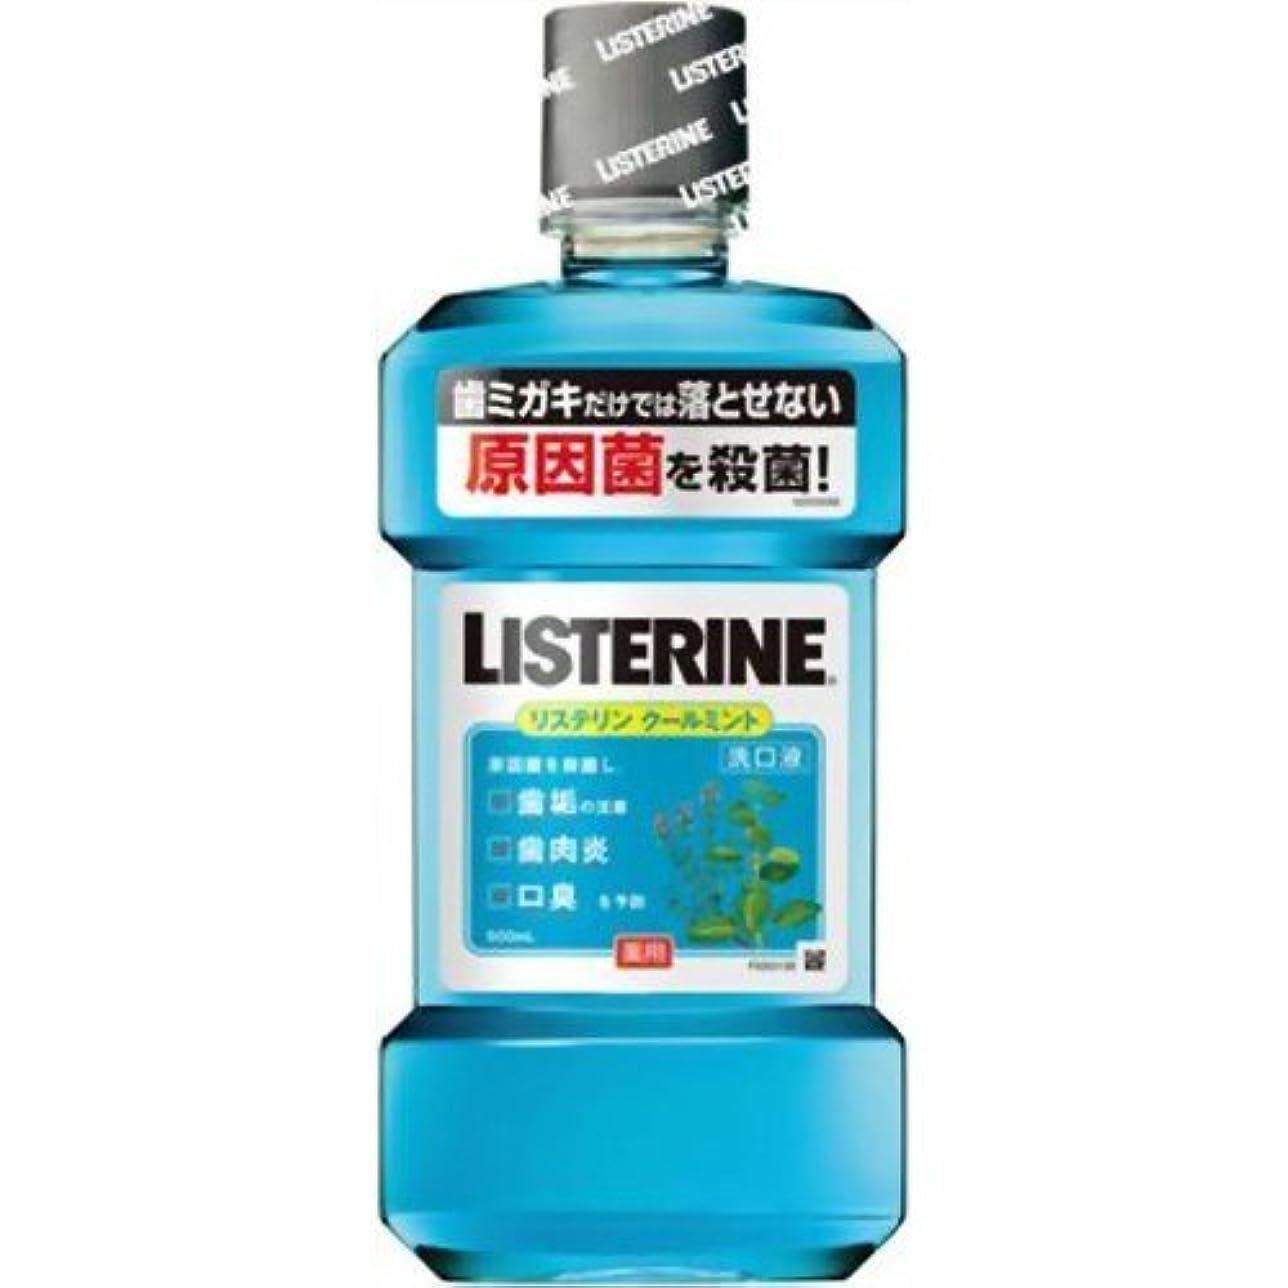 内陸エアコン香水薬用リステリン クールミント 500ml ×3個セット